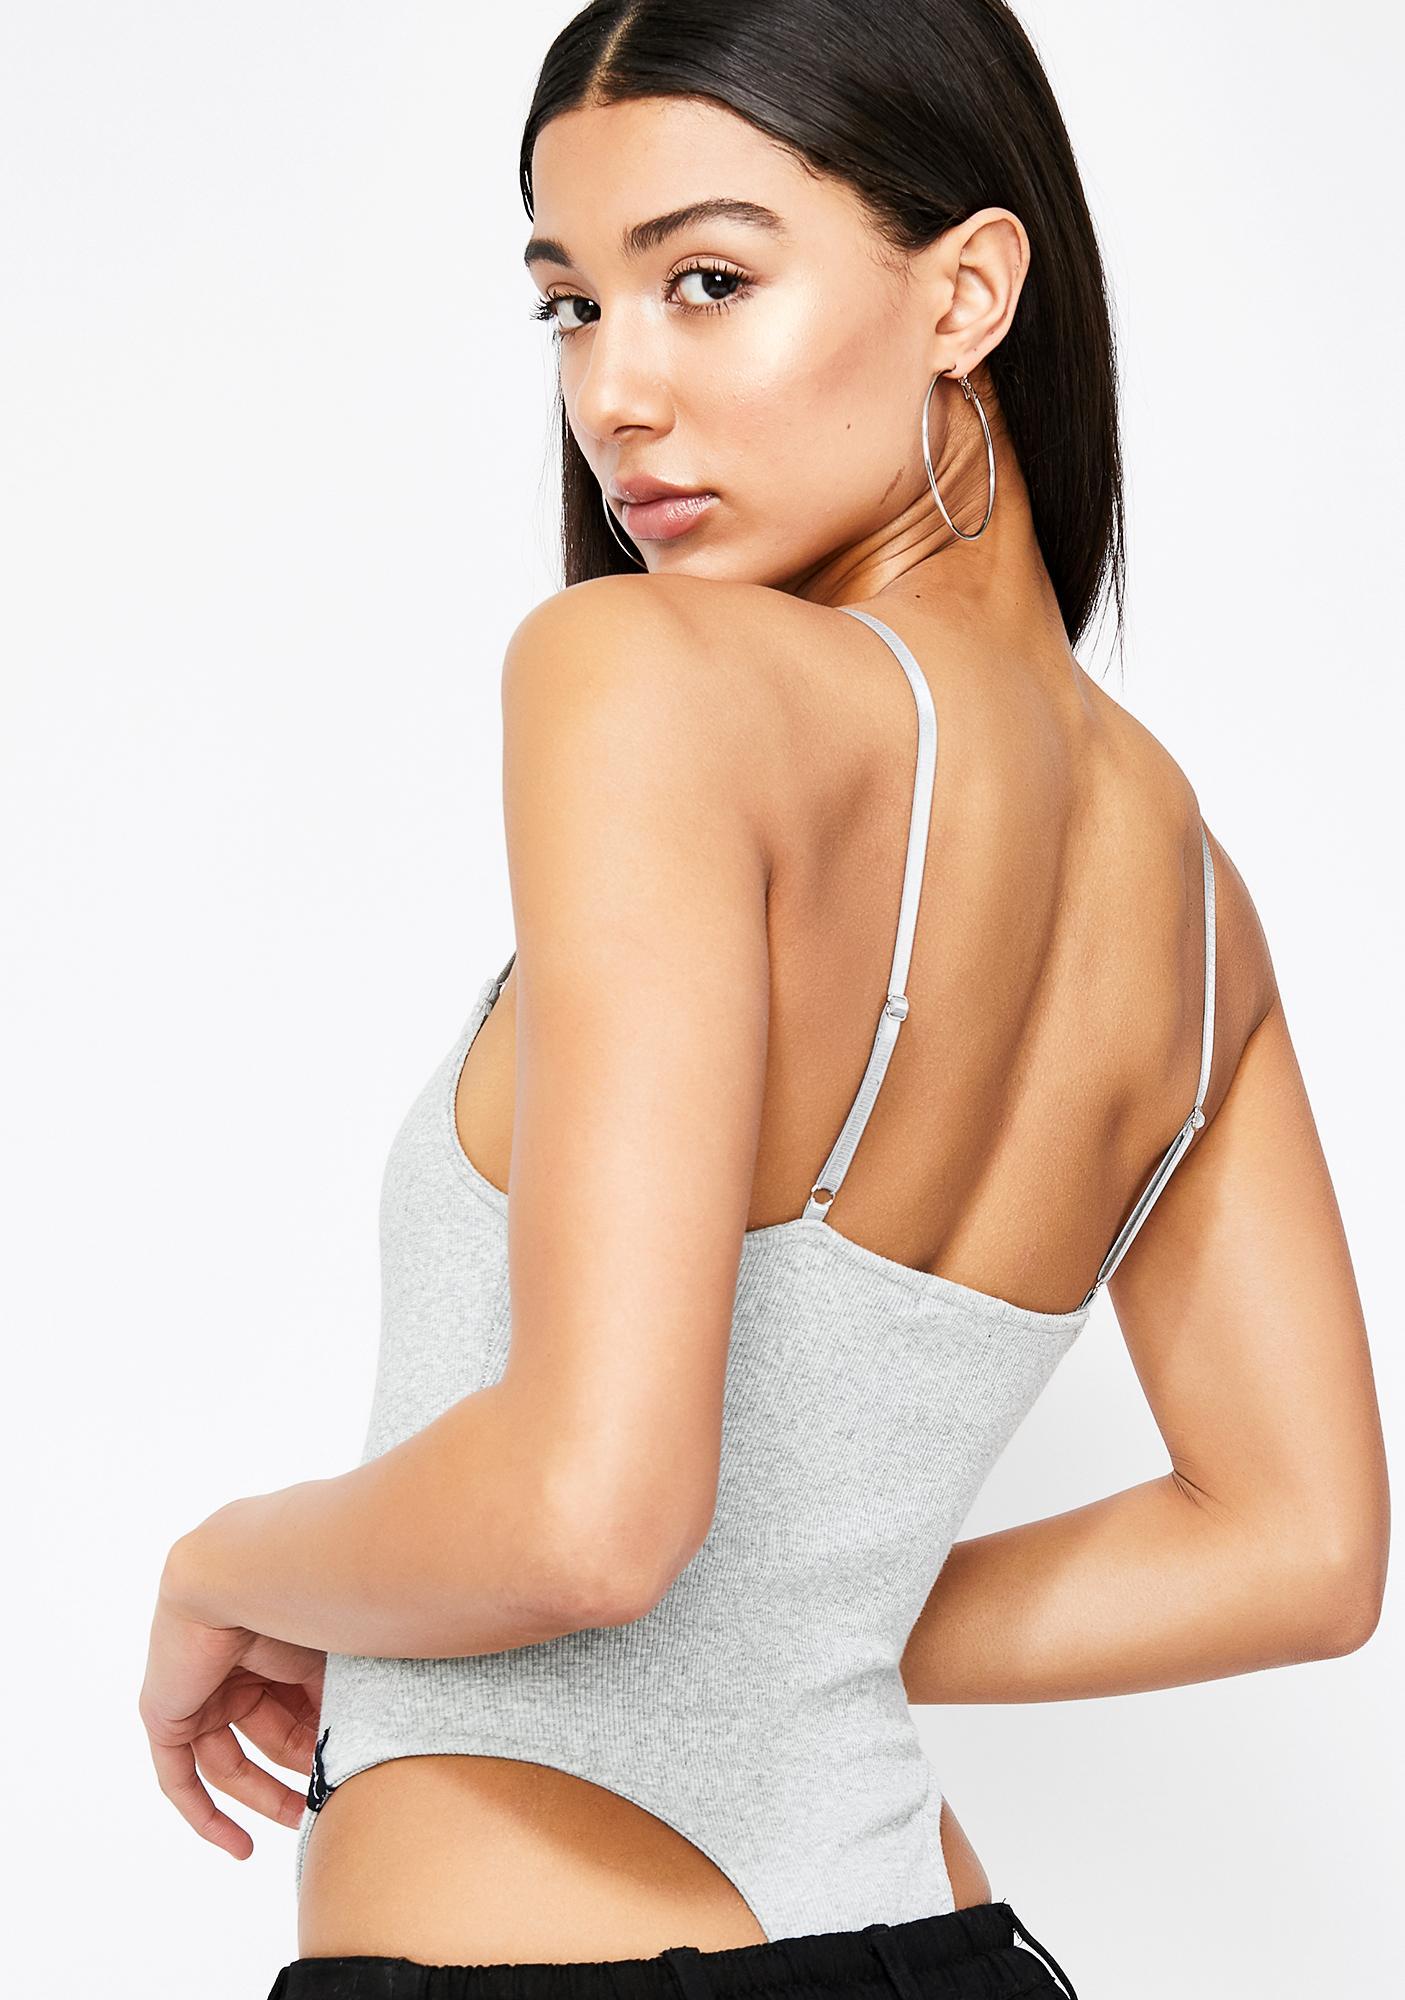 Poster Grl Supermodel Ribbed Bodysuit